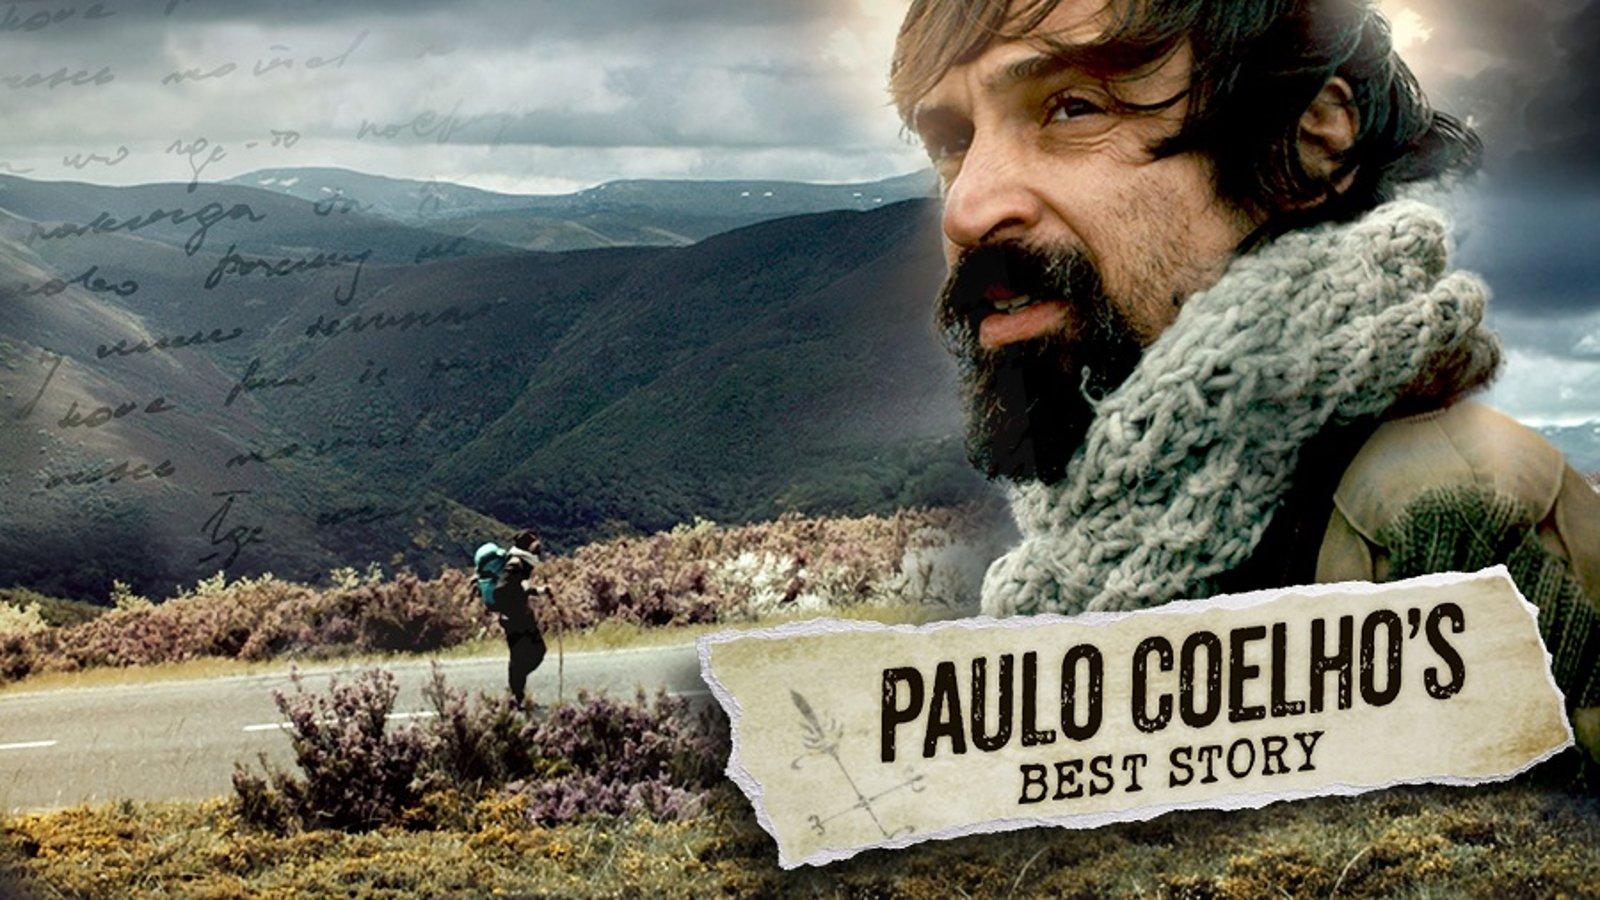 Paulo Coelho's Best Story - Não Pare na Pista: A Melhor História de Paulo Coelho